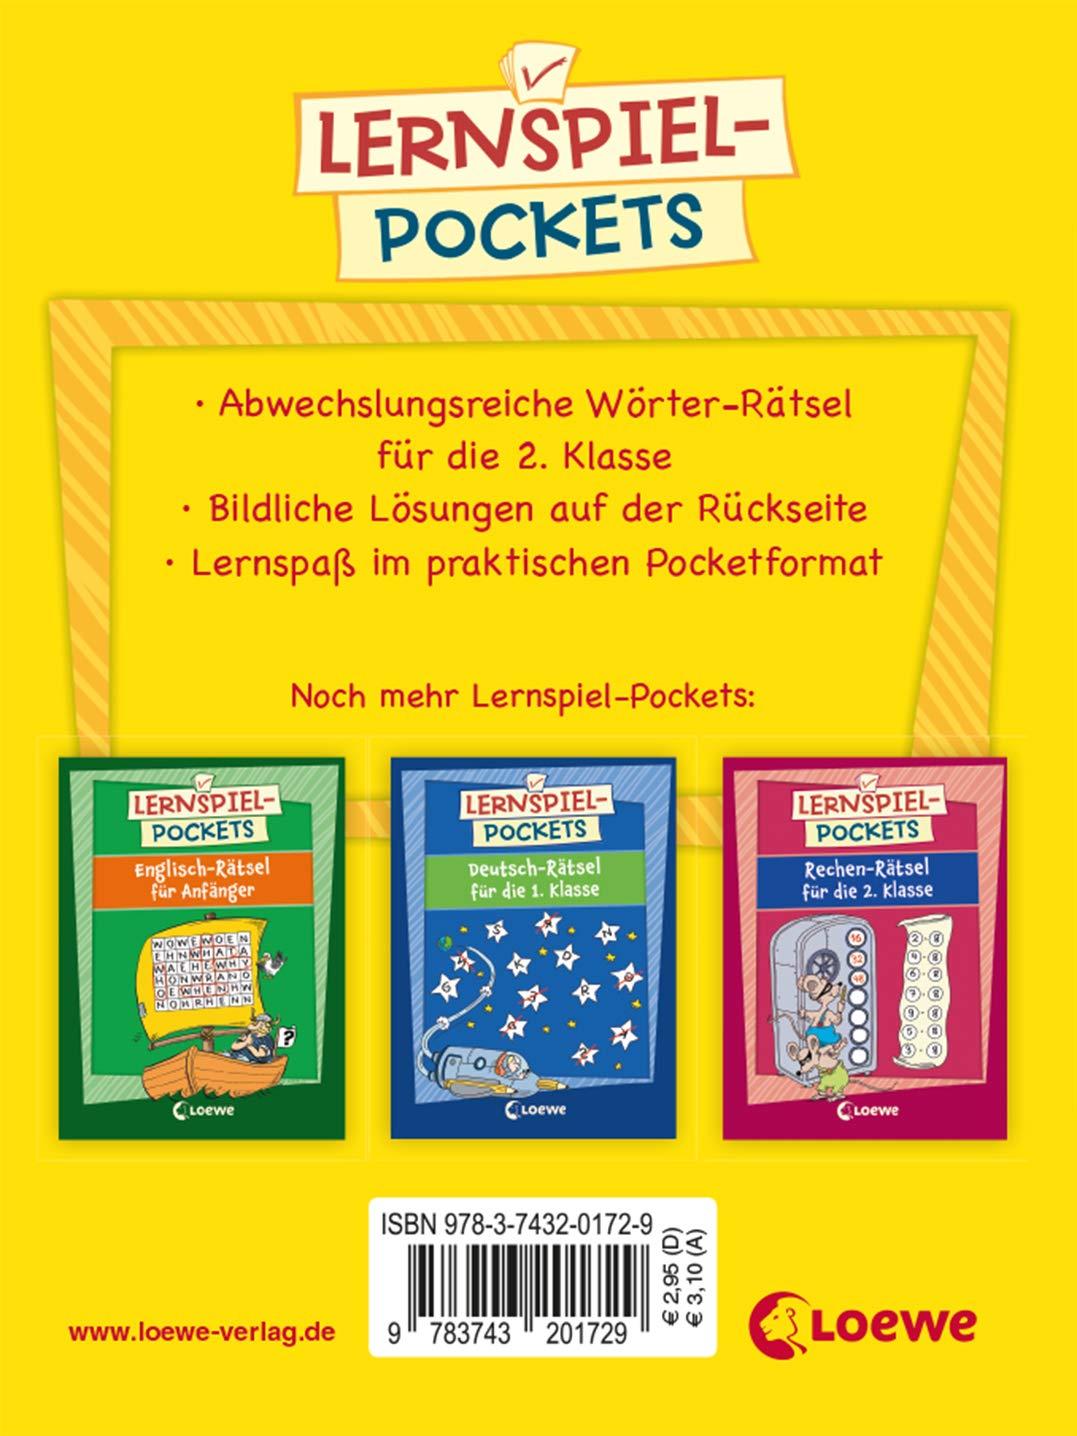 Lernspiel Pockets Wörter Rätsel Für Die 2 Klasse Amazonde